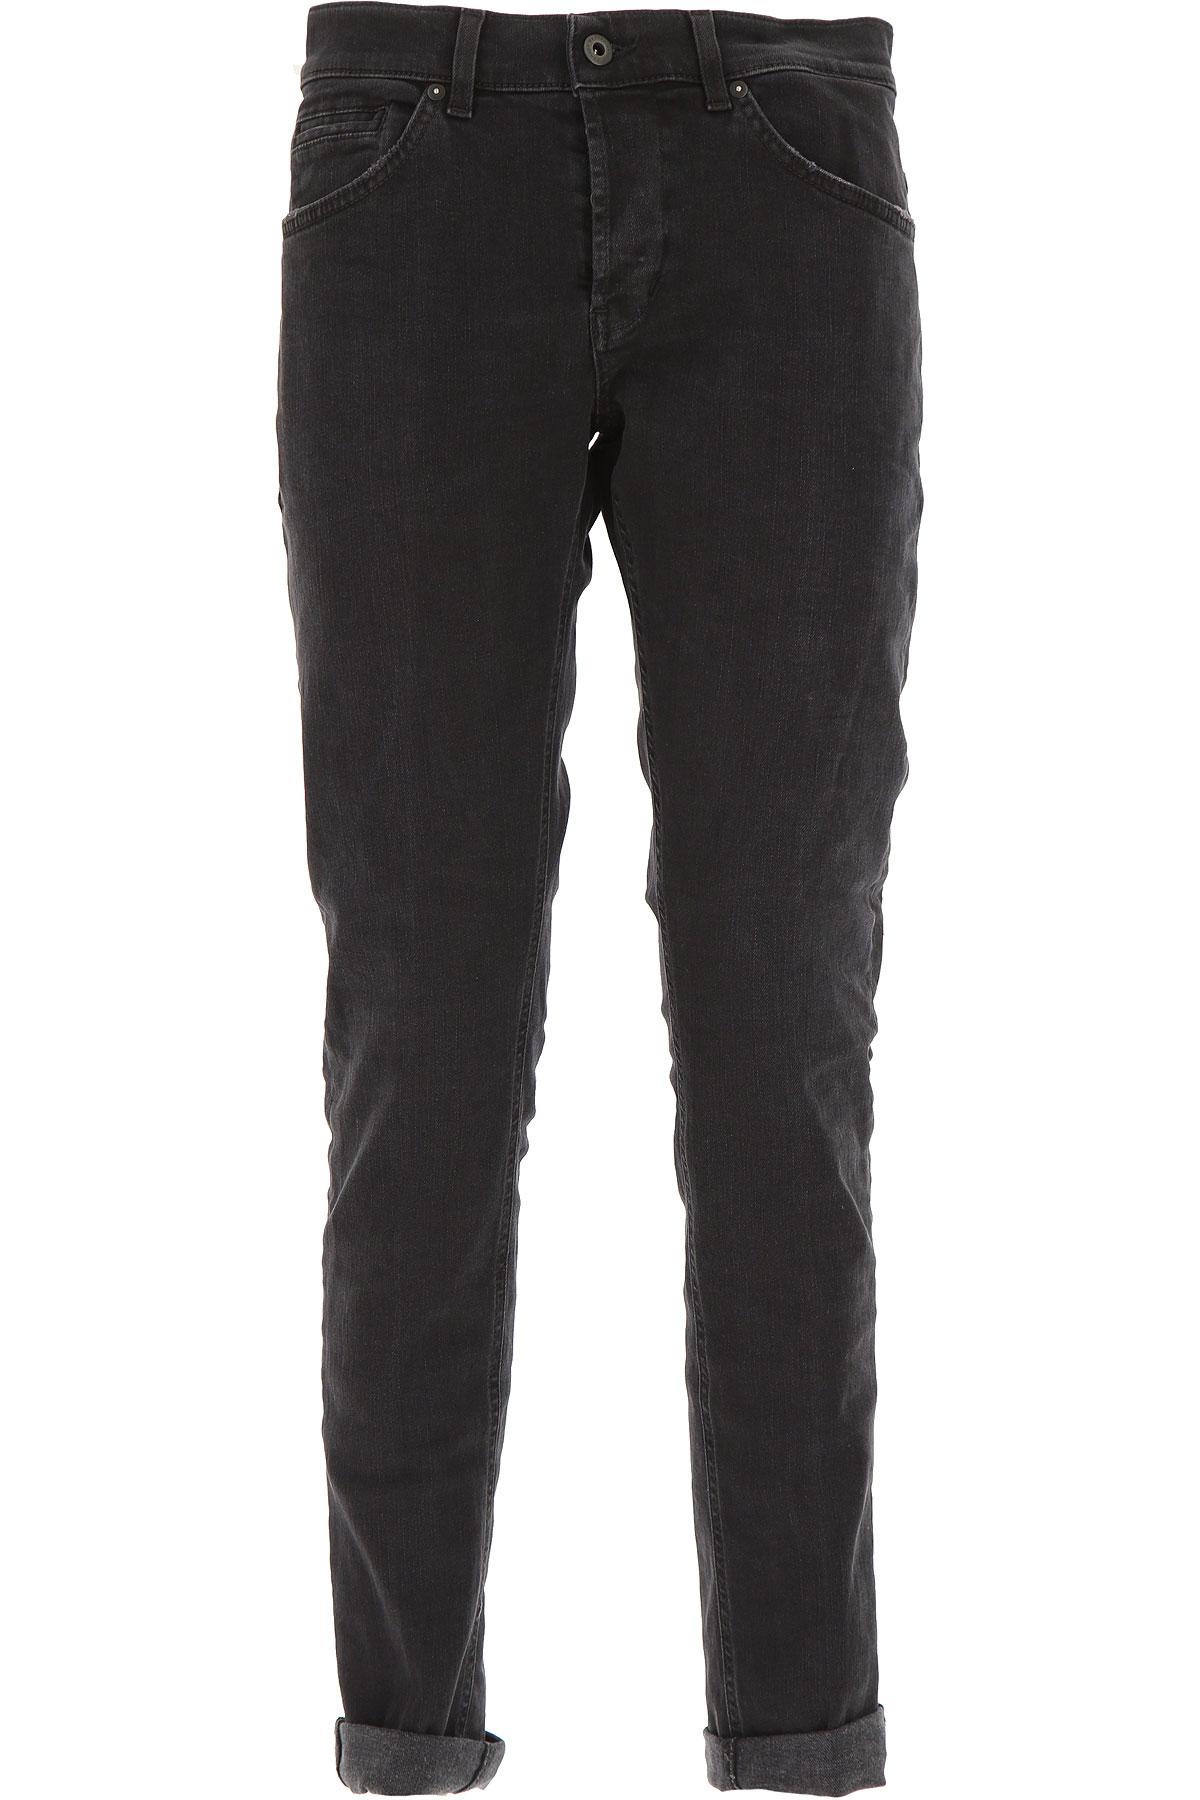 Dondup Jeans, Black, Cotton, 2017, 30 31 32 33 34 35 36